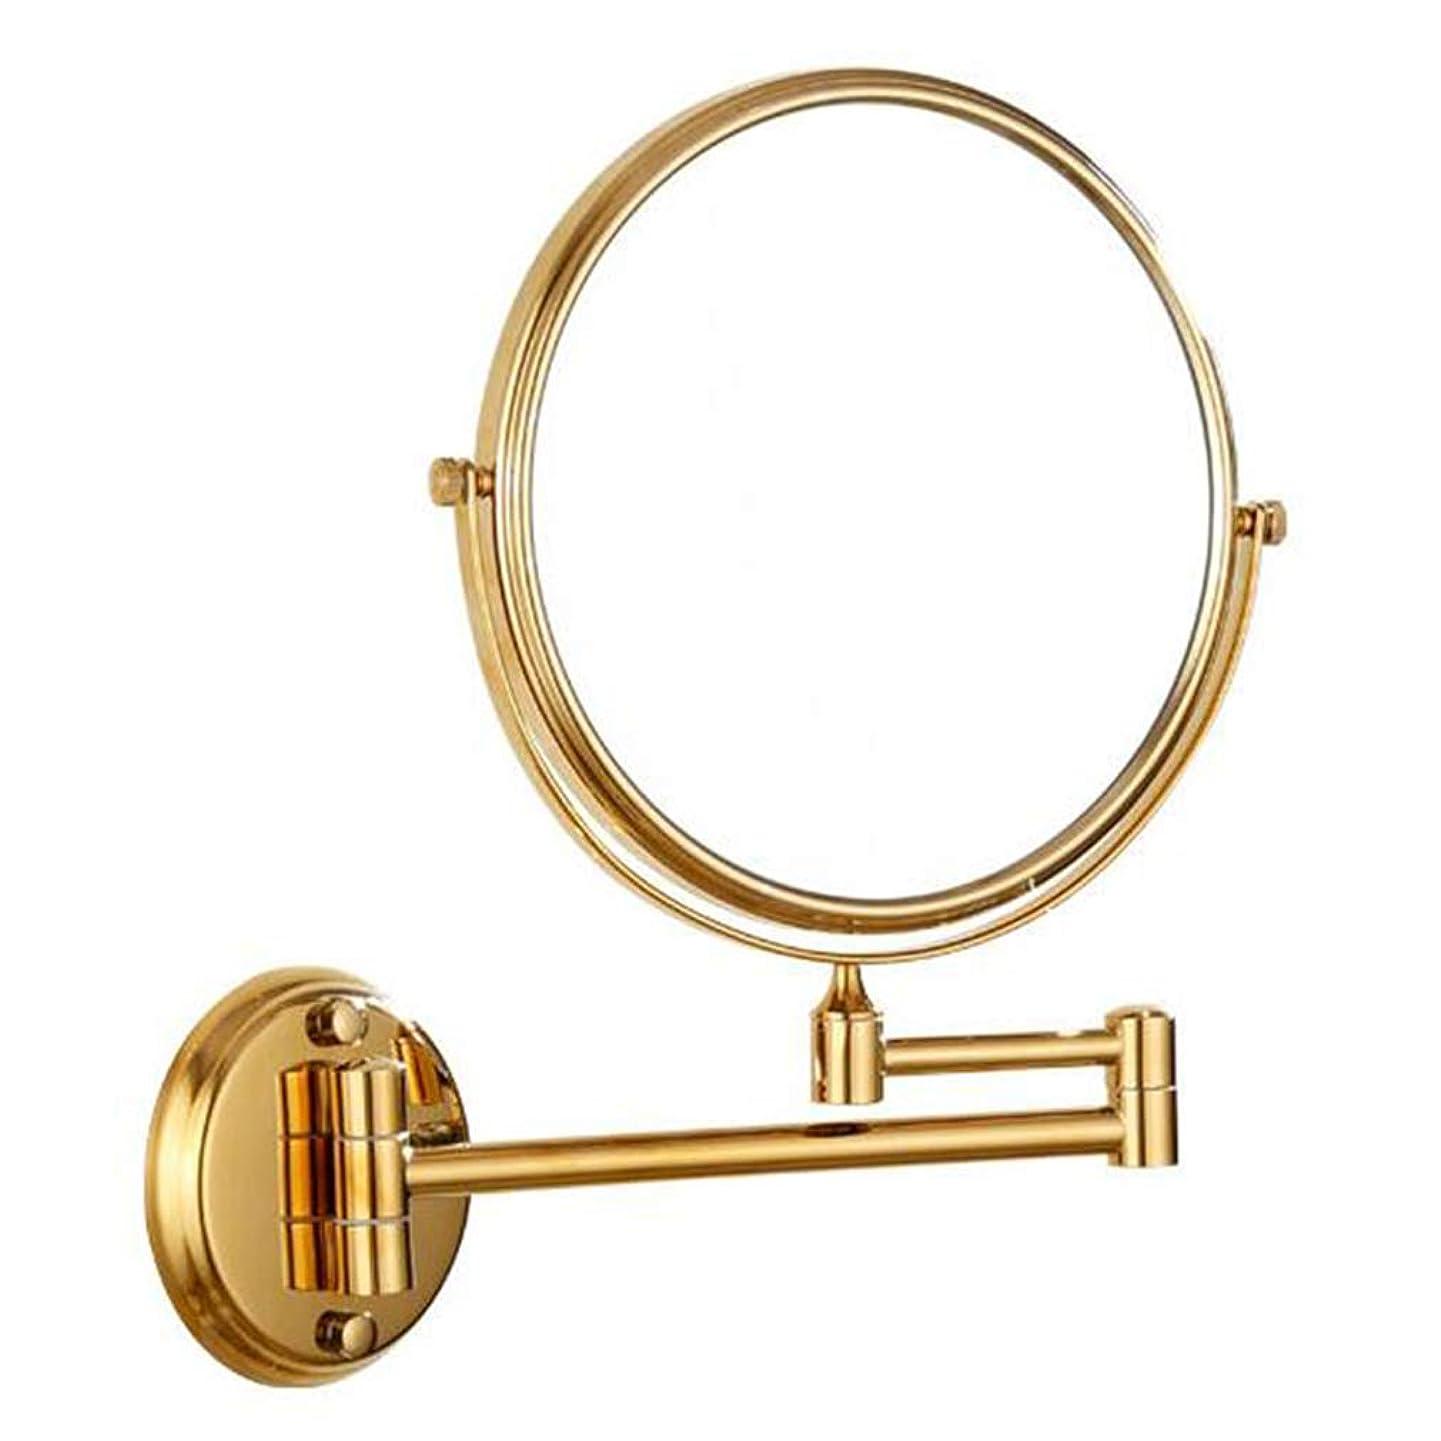 男性情熱的実質的にHUYYA 化粧鏡、3倍拡大 化粧ミラー 両面 壁掛け式 けメイクミラー 360 °回転 伸縮可能折りバスルームの鏡,Gold_8inch